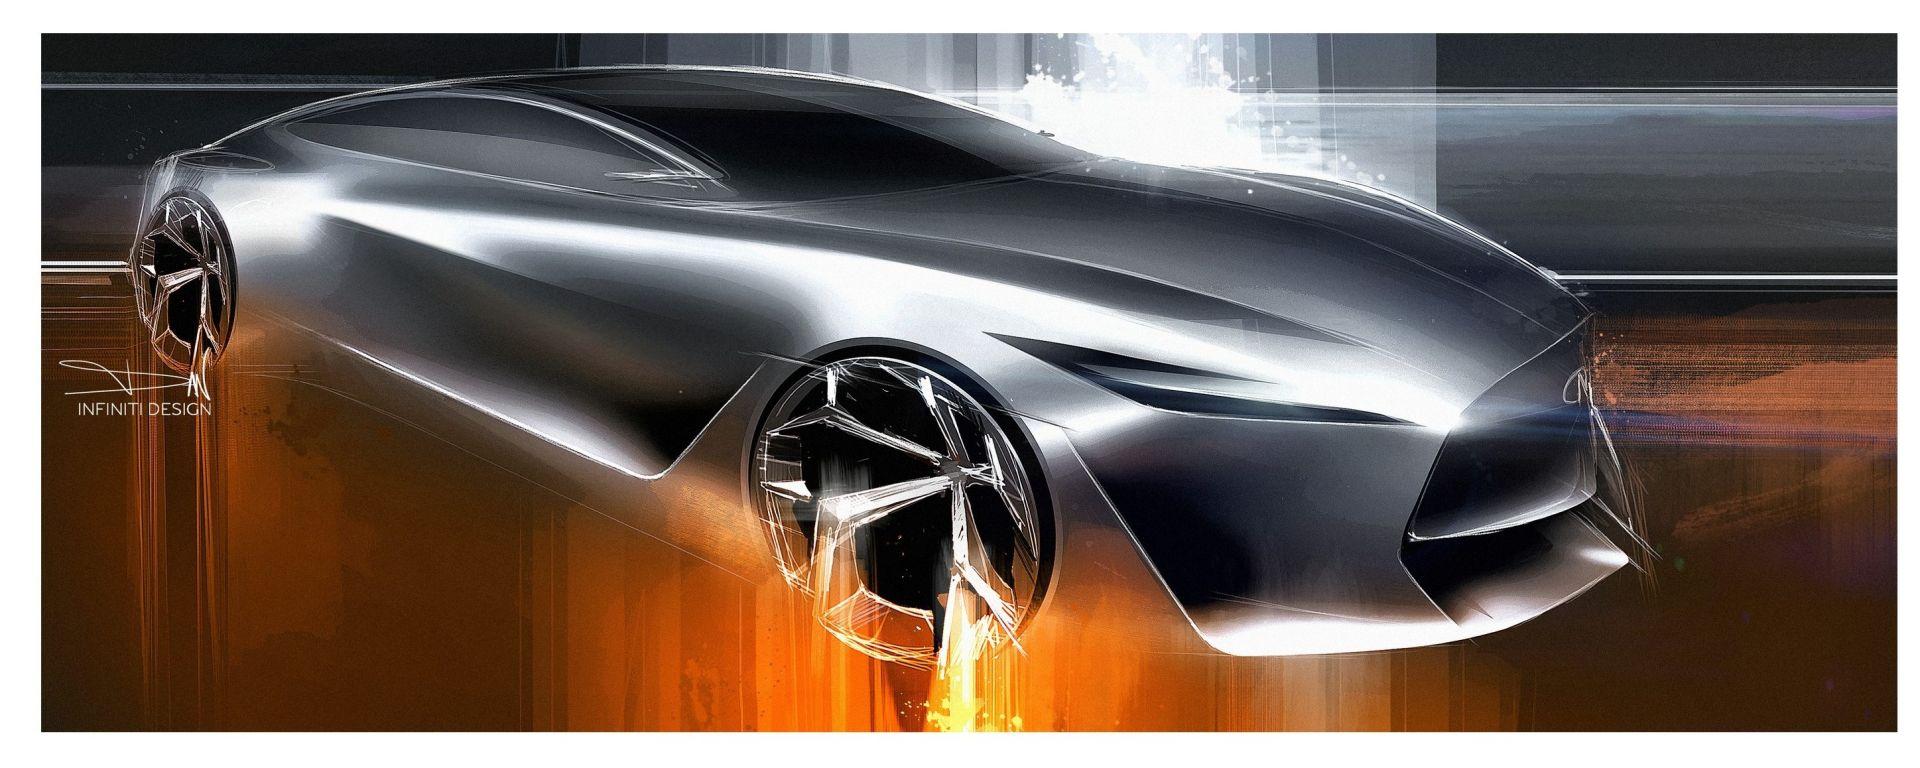 Infiniti: nuovi veicoli elettrici entro il 2021